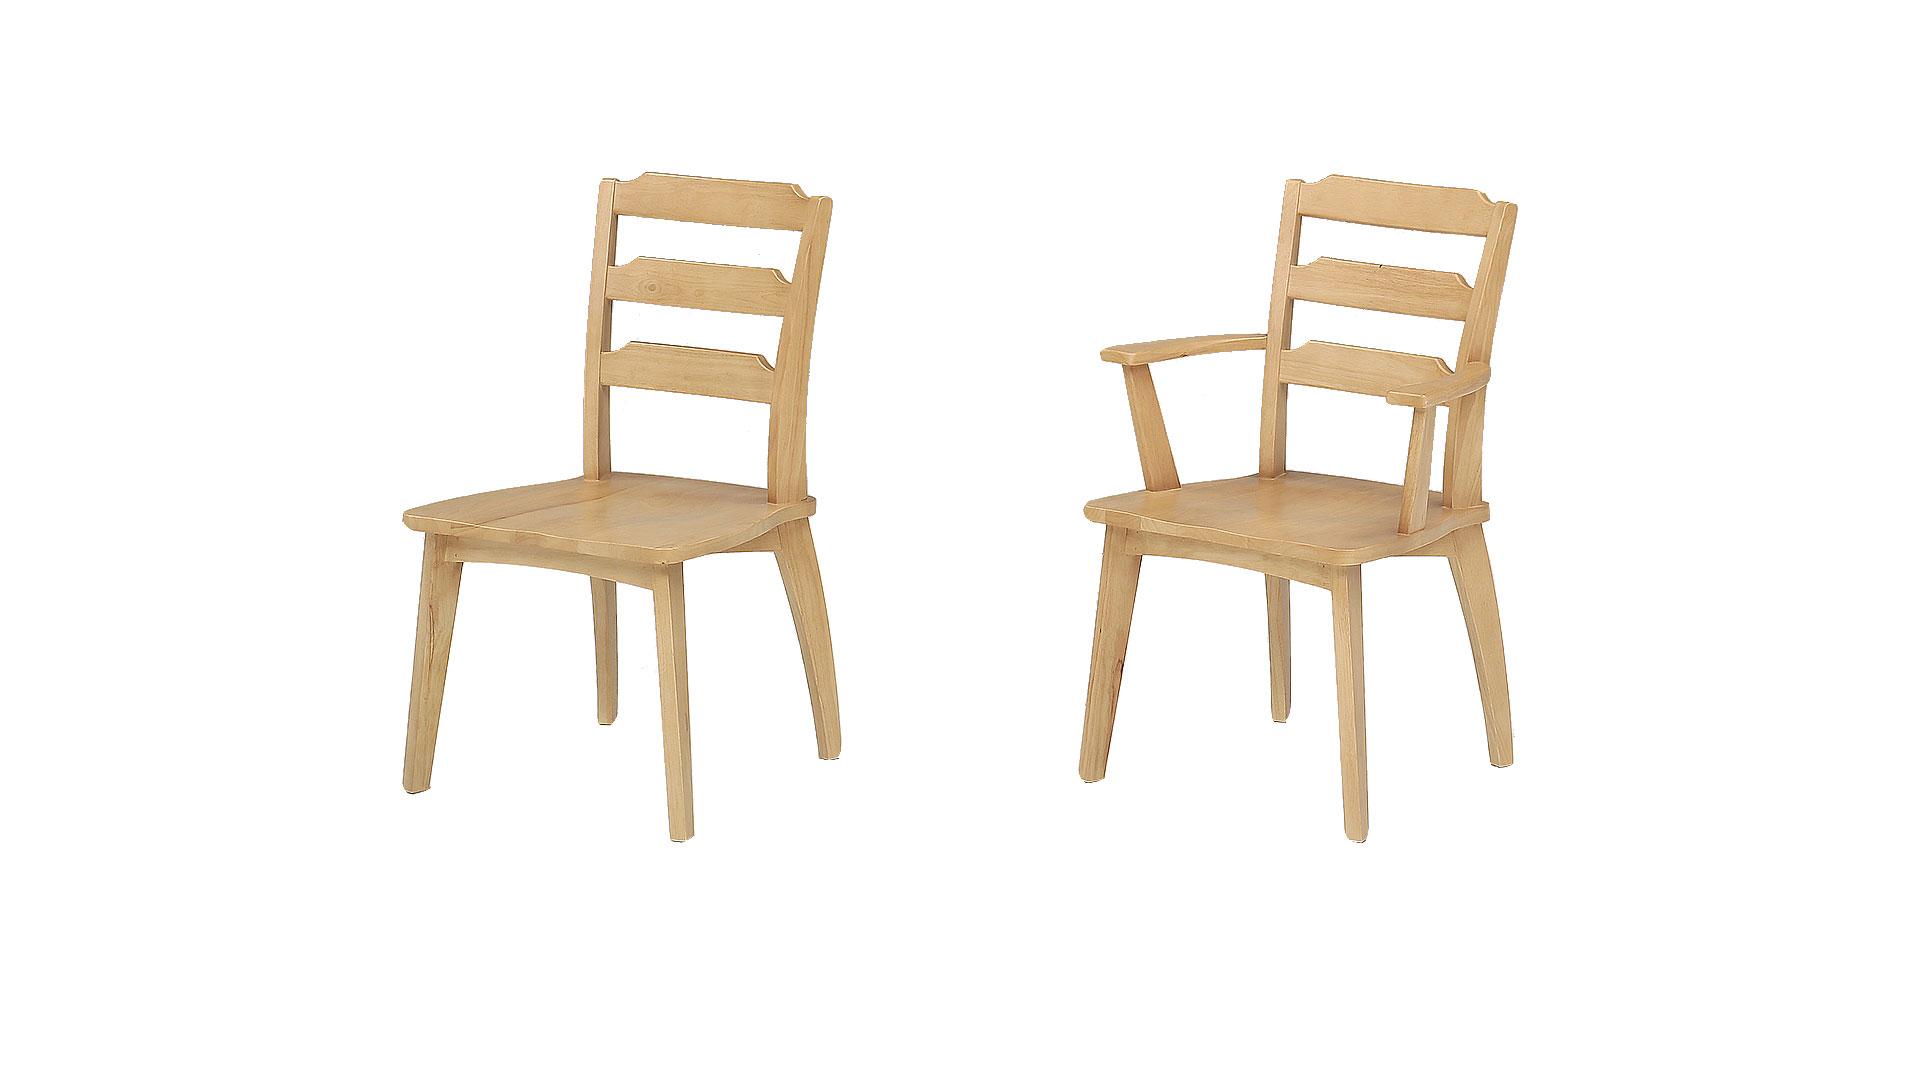 リビンズのダリビンズのダイニングセット「柊」の固定椅子の画像イニングセット「柊」の固定椅子の画像